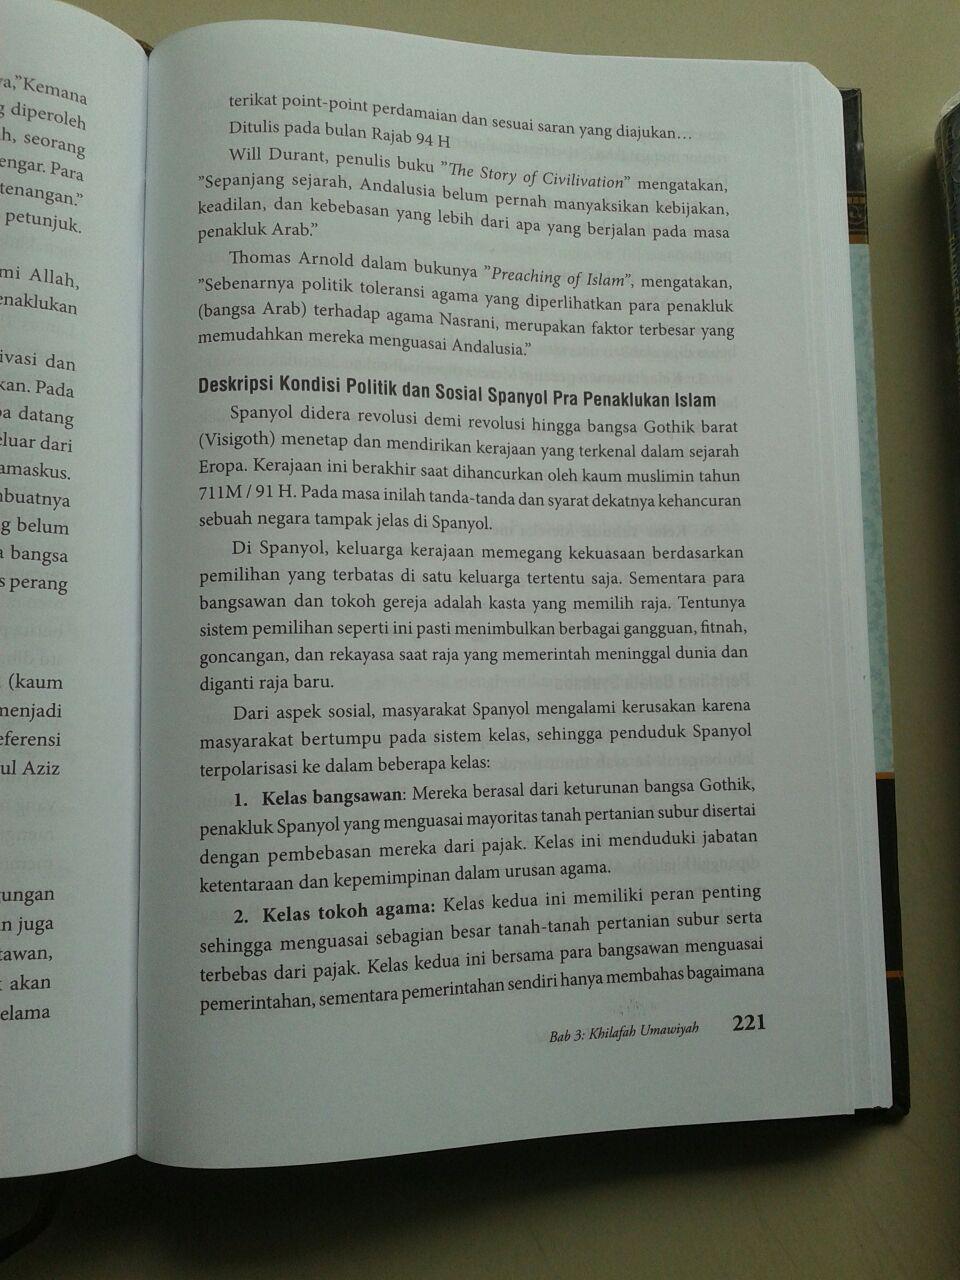 Buku Ensiklopedi Sejarah Islam Masa Kenabian-Daulah Mamluk set 2 Jilid isi 3